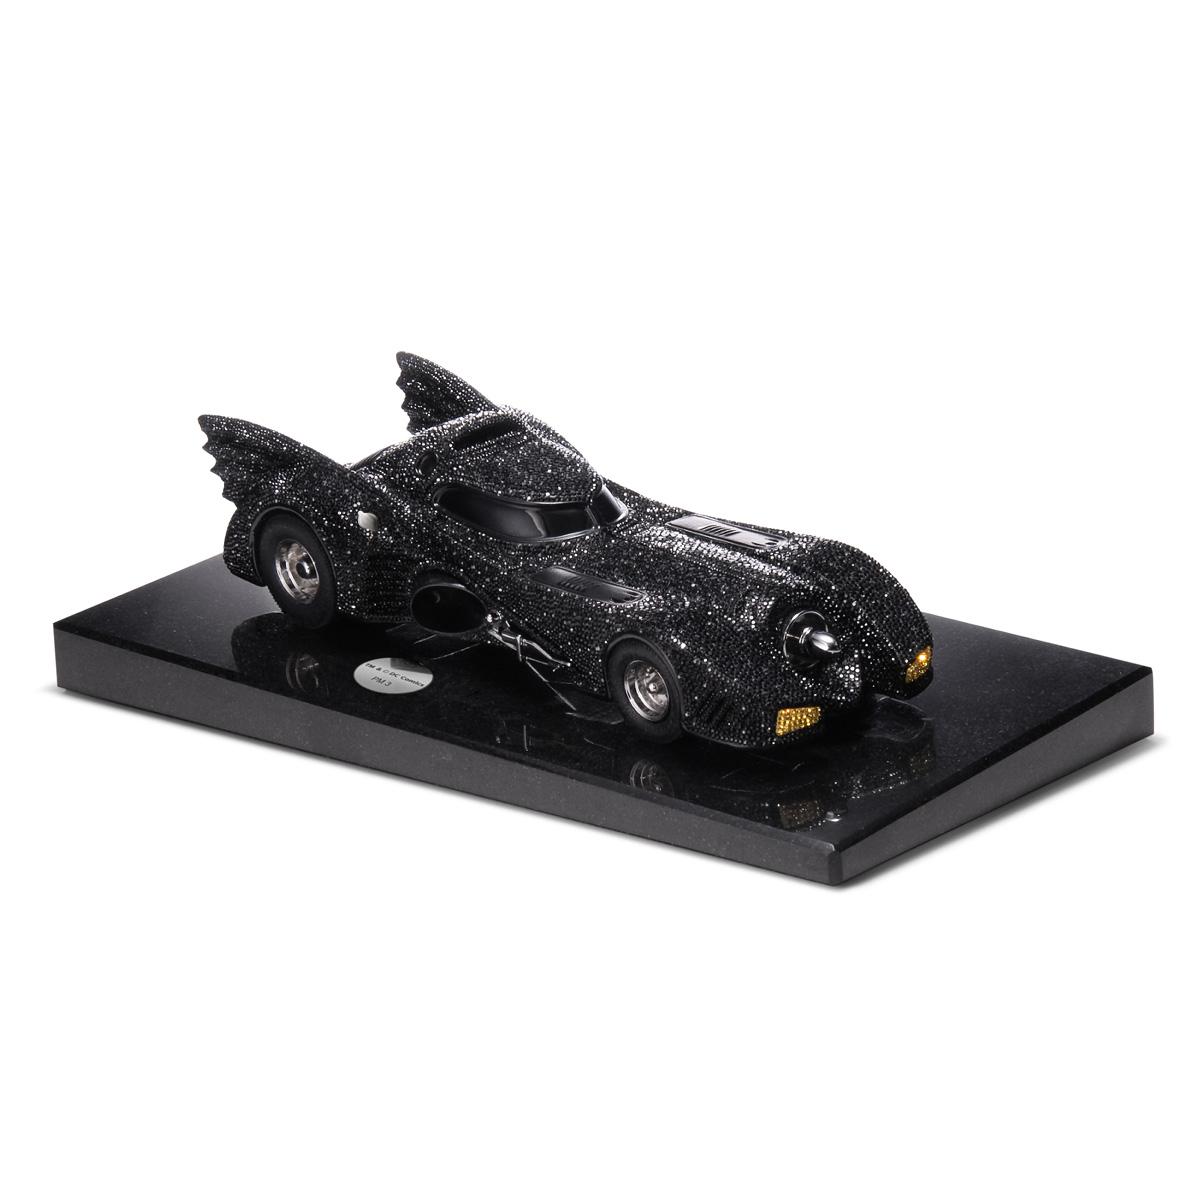 Swarovski Myriad Batmobile, Limited Edition